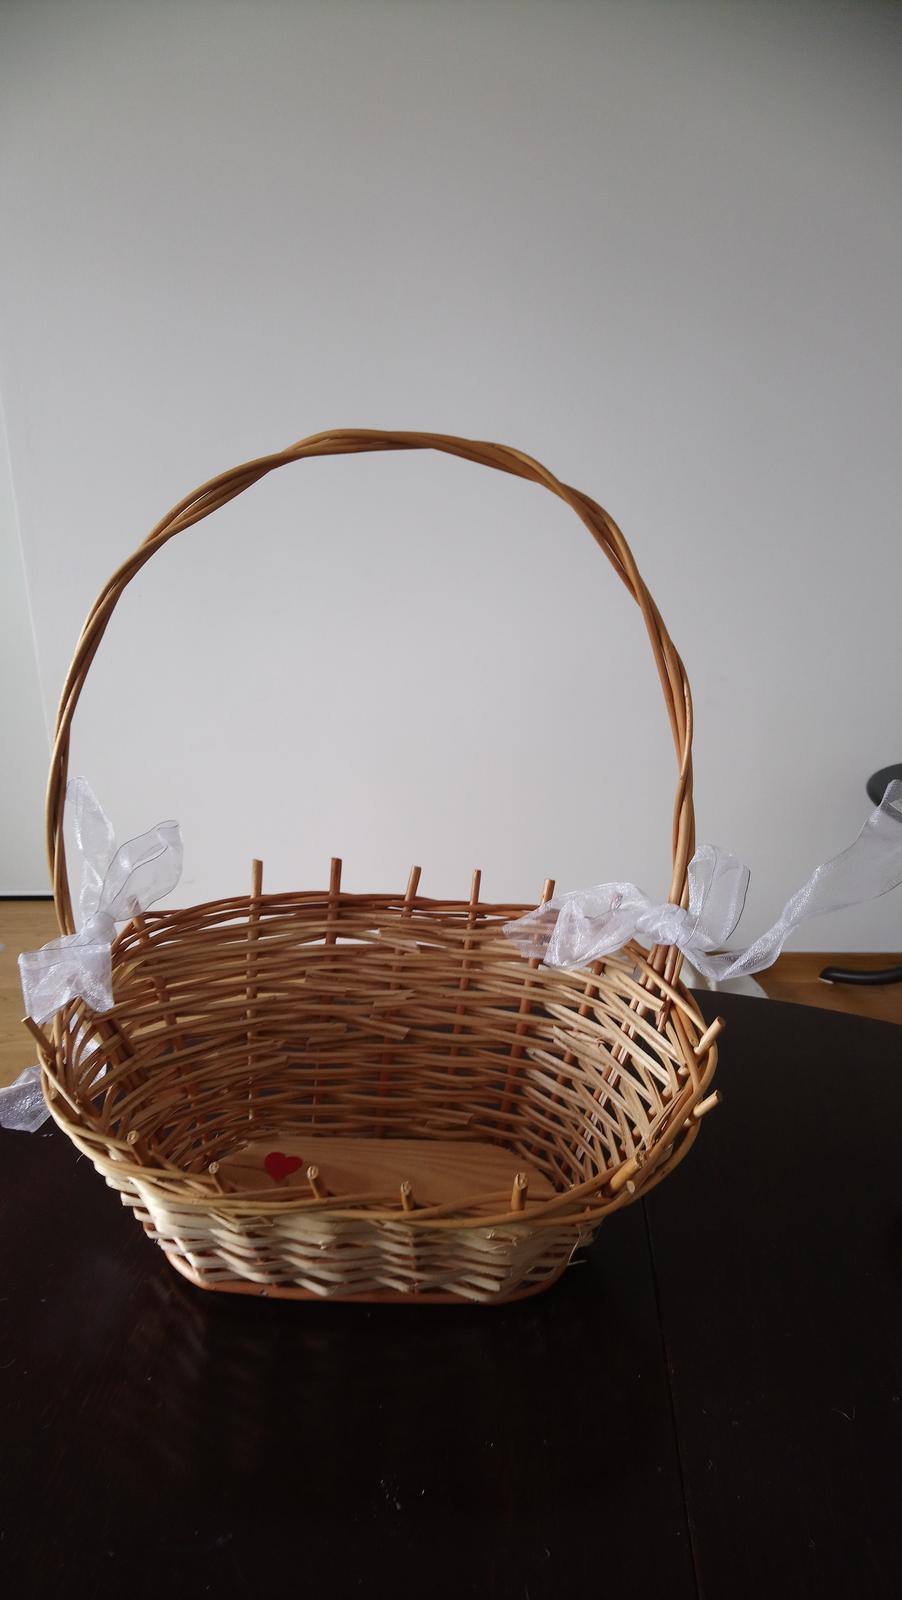 proutený košík na darky pro hosty - Obrázek č. 1